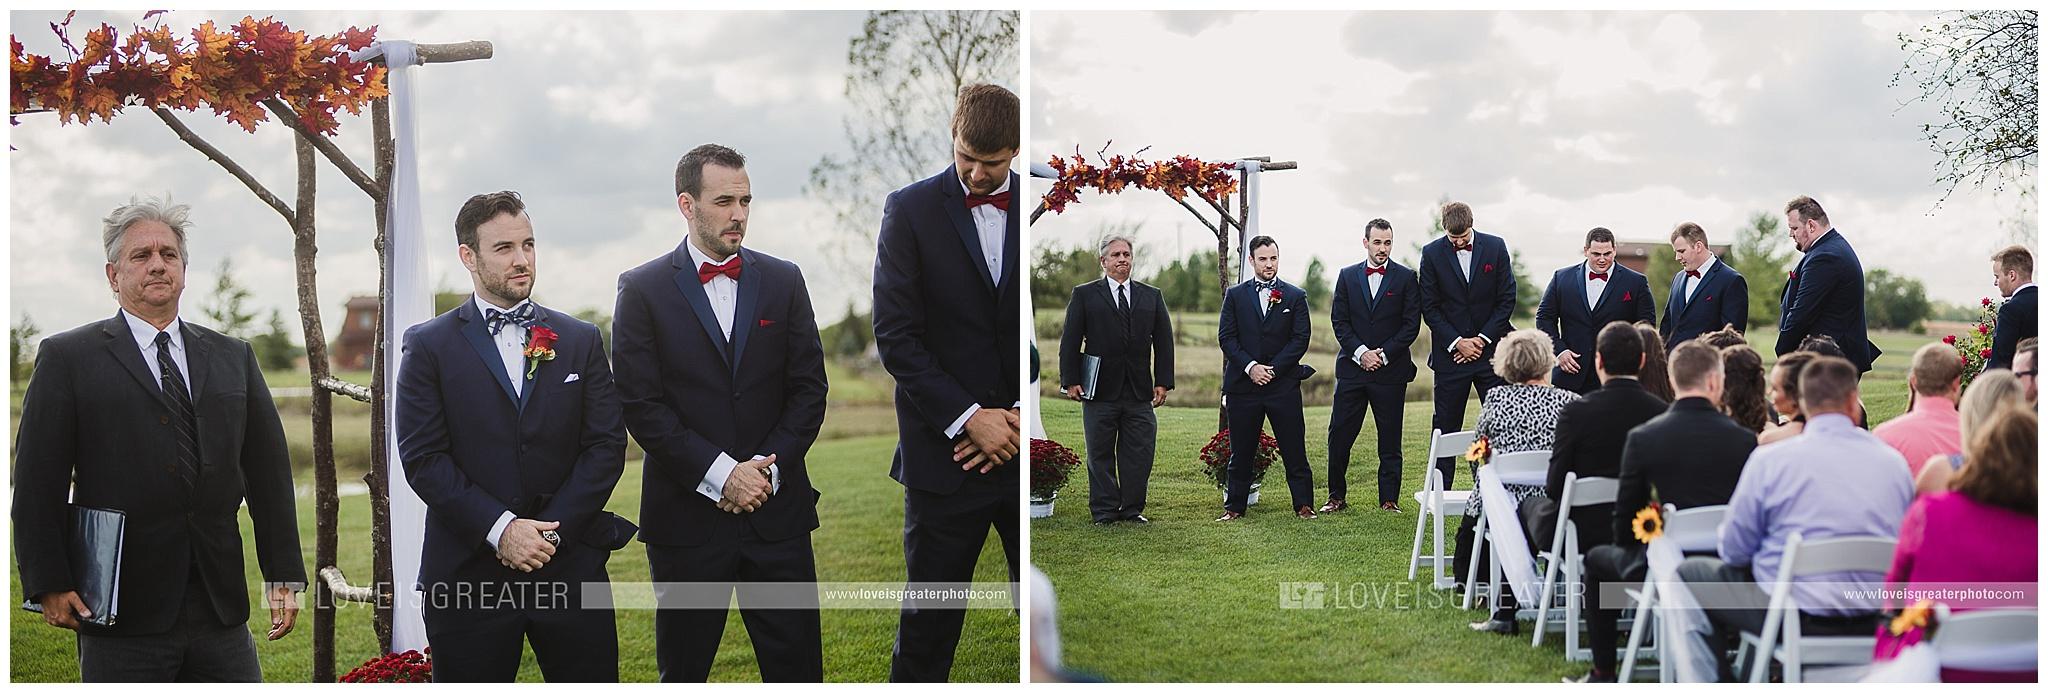 toledo-wedding-photographer_0148